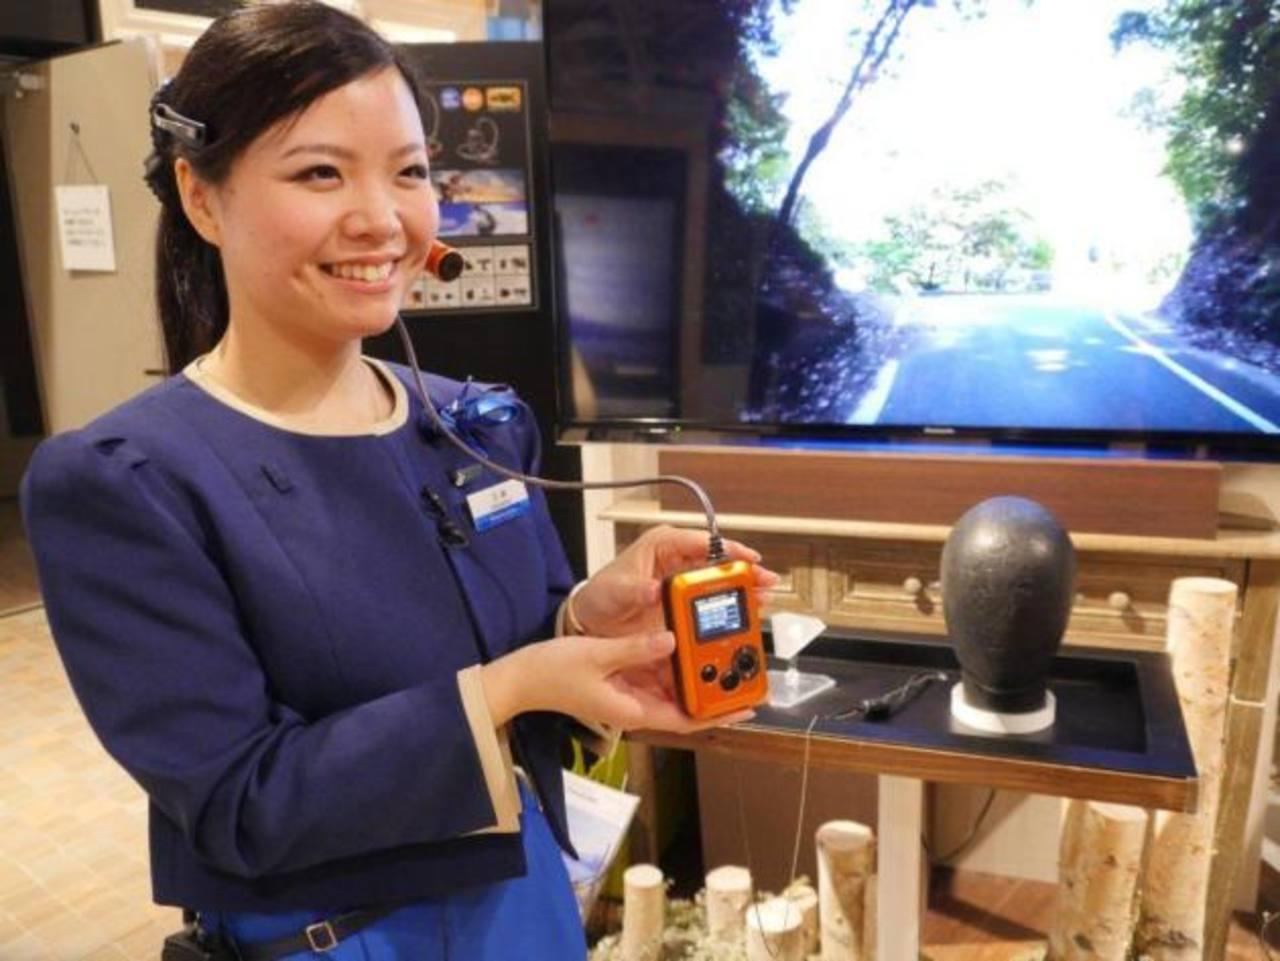 La nueva cámara de la marca Panasonic, manos libres, pesa solo tres gramos. Foto EDH / Cortesía